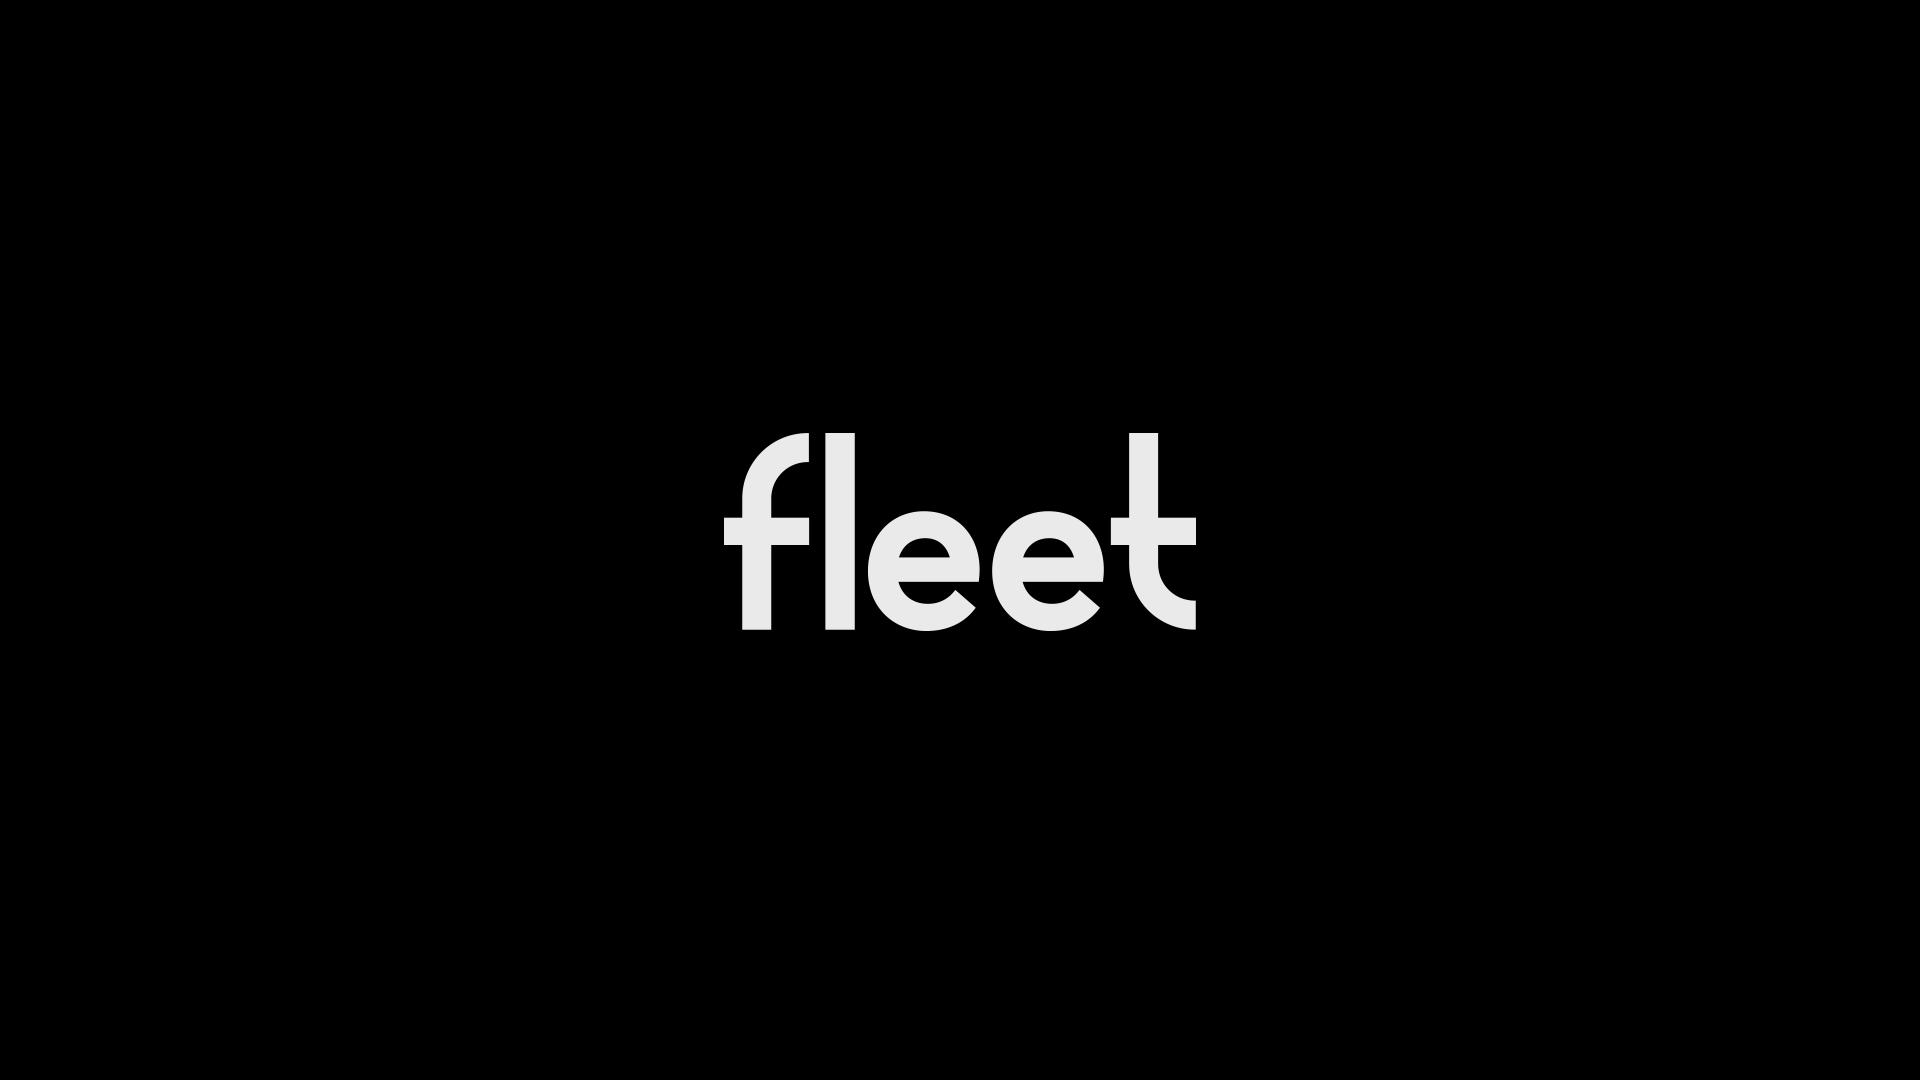 fleet_logo_fond_noir.png